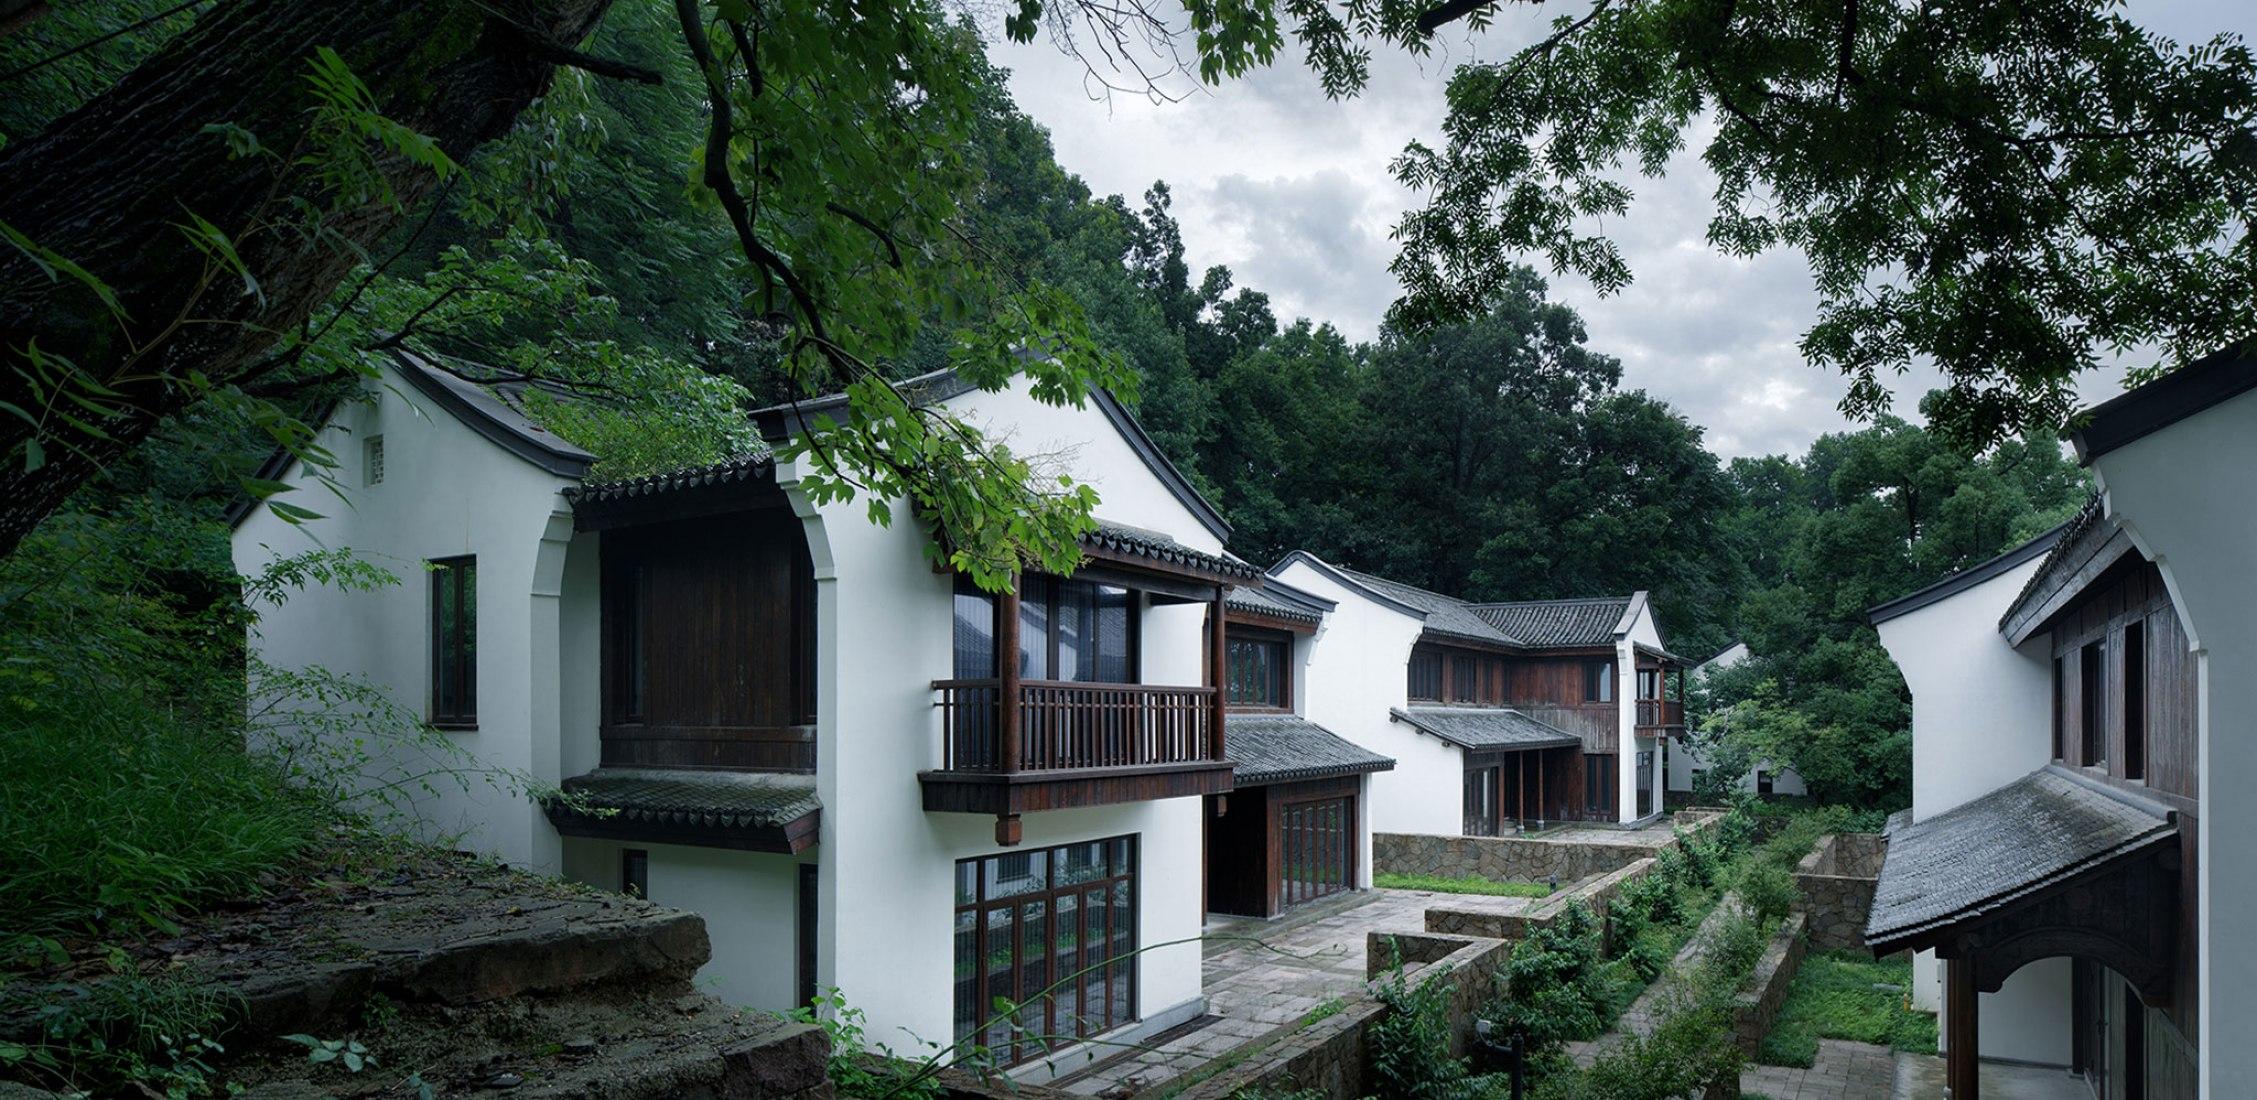 Proyecto de renovación general del hotel Hangzhou Ya Gu Quan Shan por UAD. Fotografía de Zhao Qiang.